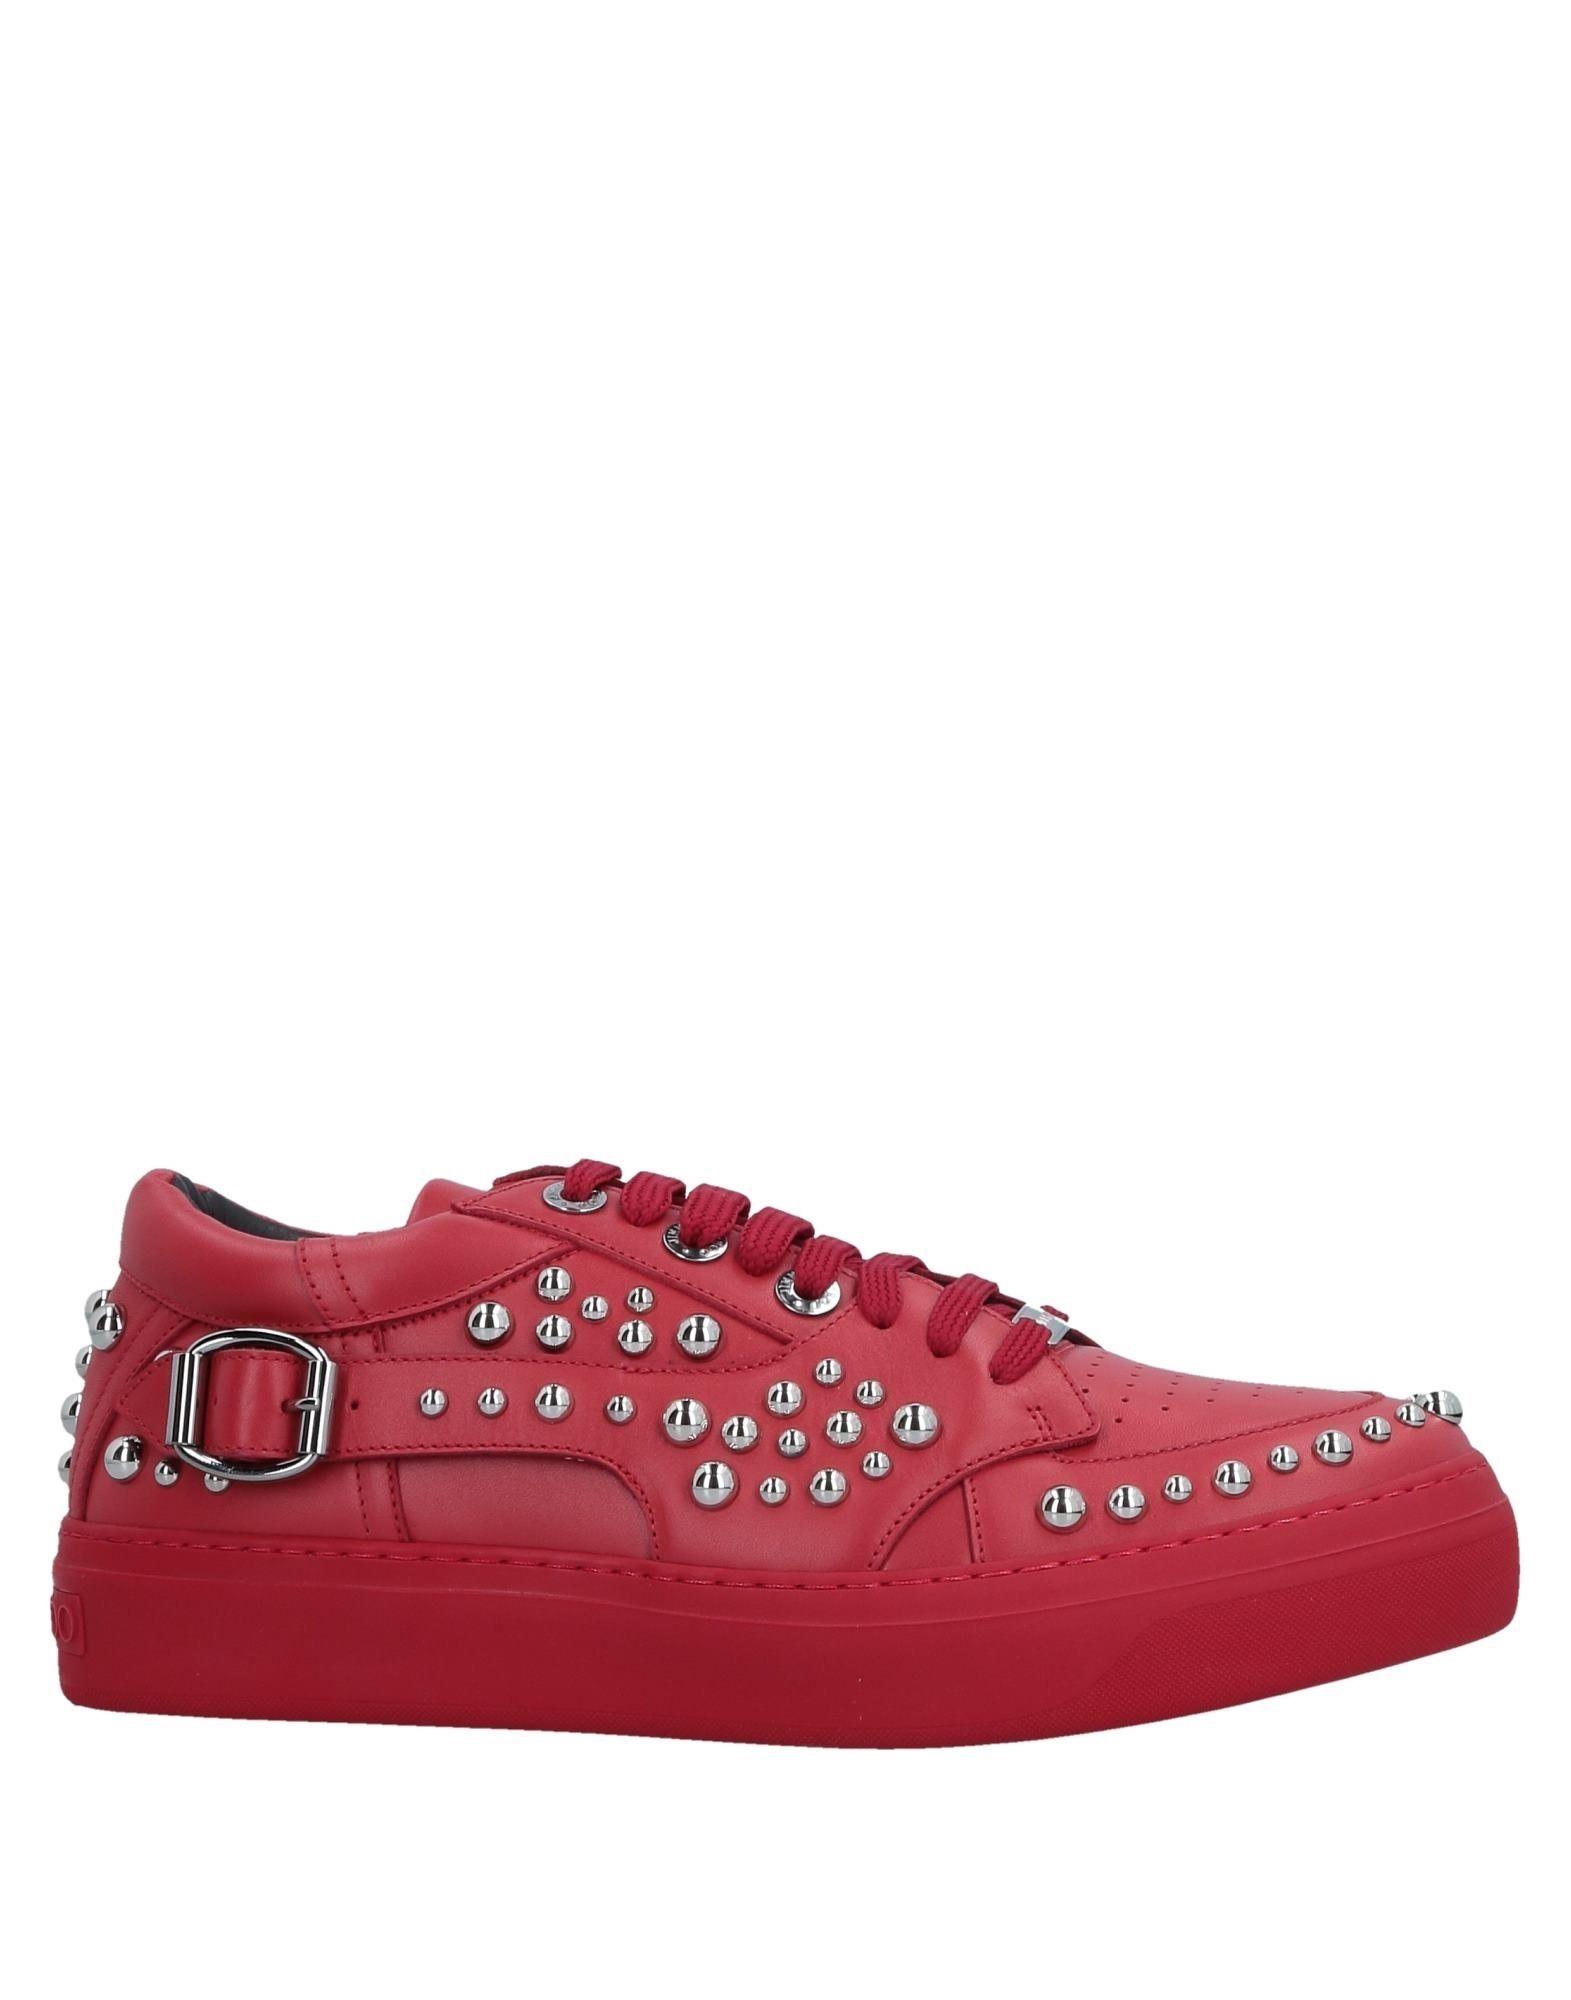 Jimmy Choo Sneakers Sneakers Choo Herren  11515639VO bf083a